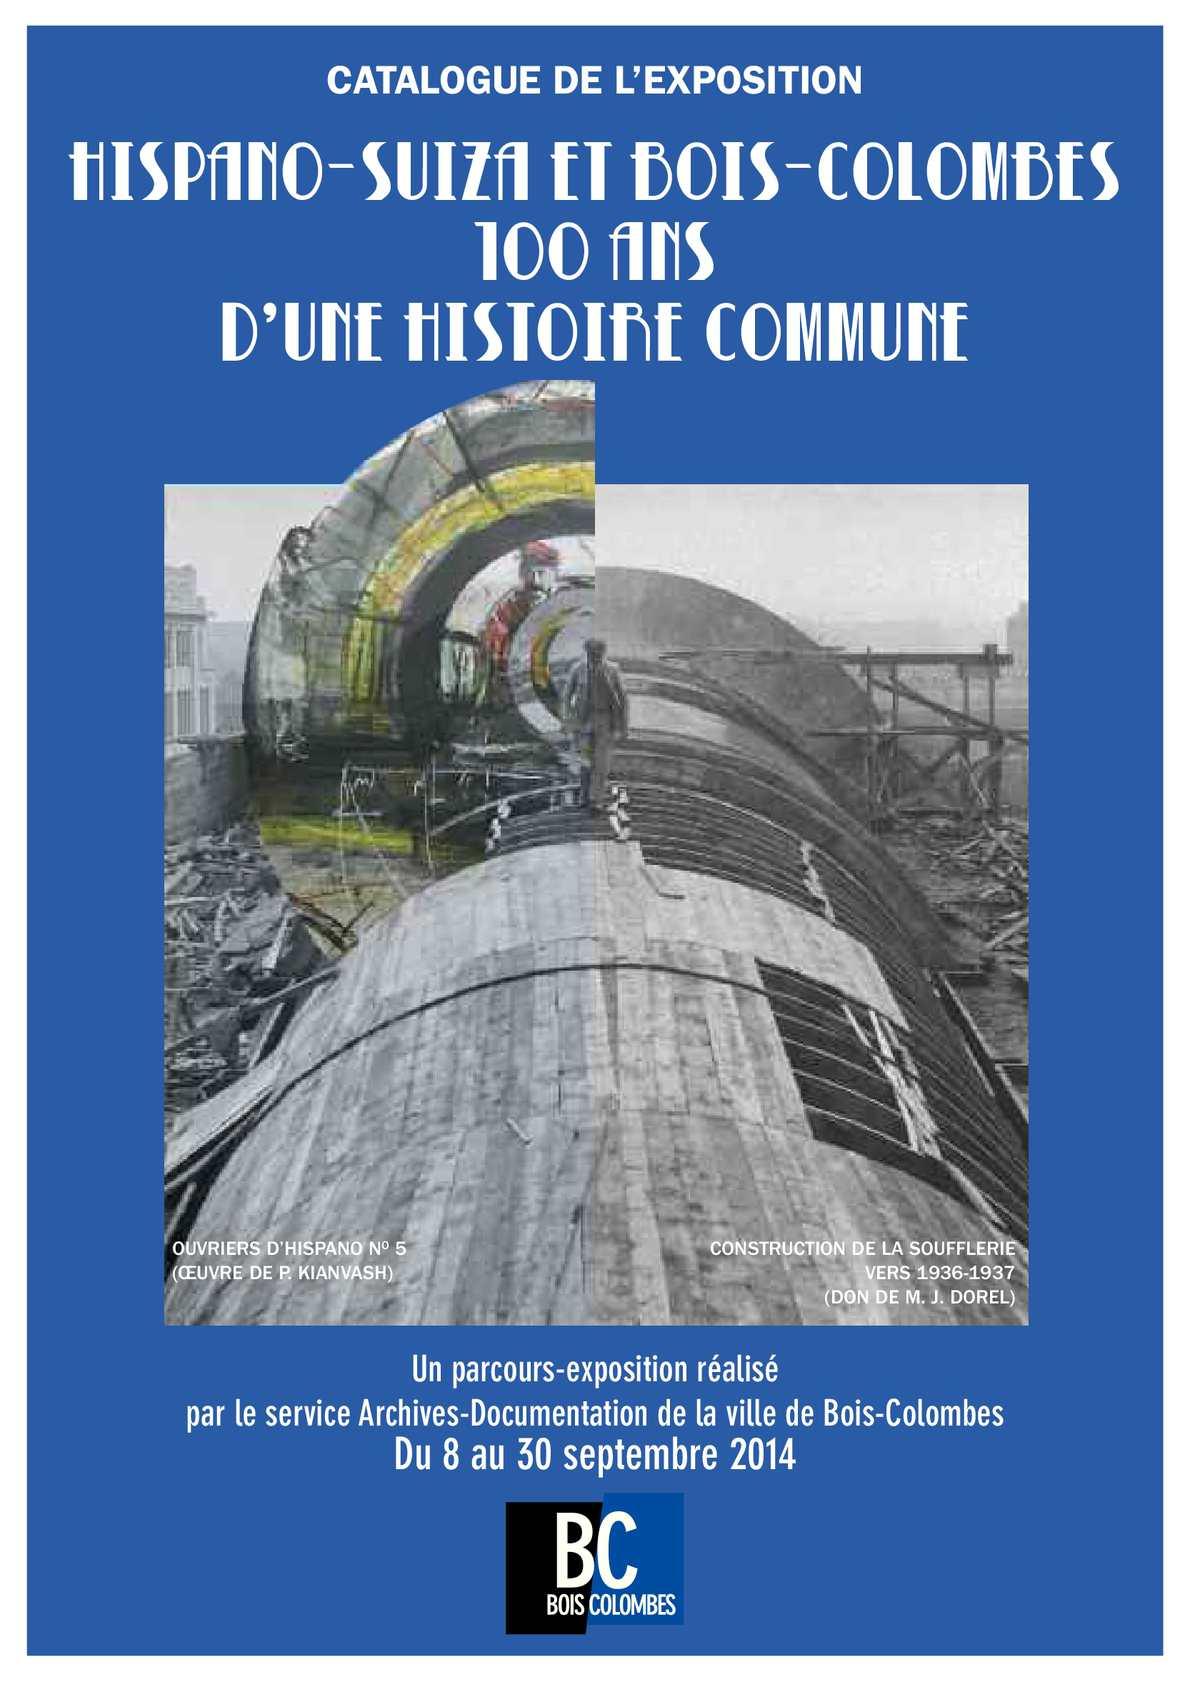 """Biblioth?que Bois Colombes : Calam?o – """"Hispano-Suiza et Bois-Colombes : 100 ans d'une histoire"""